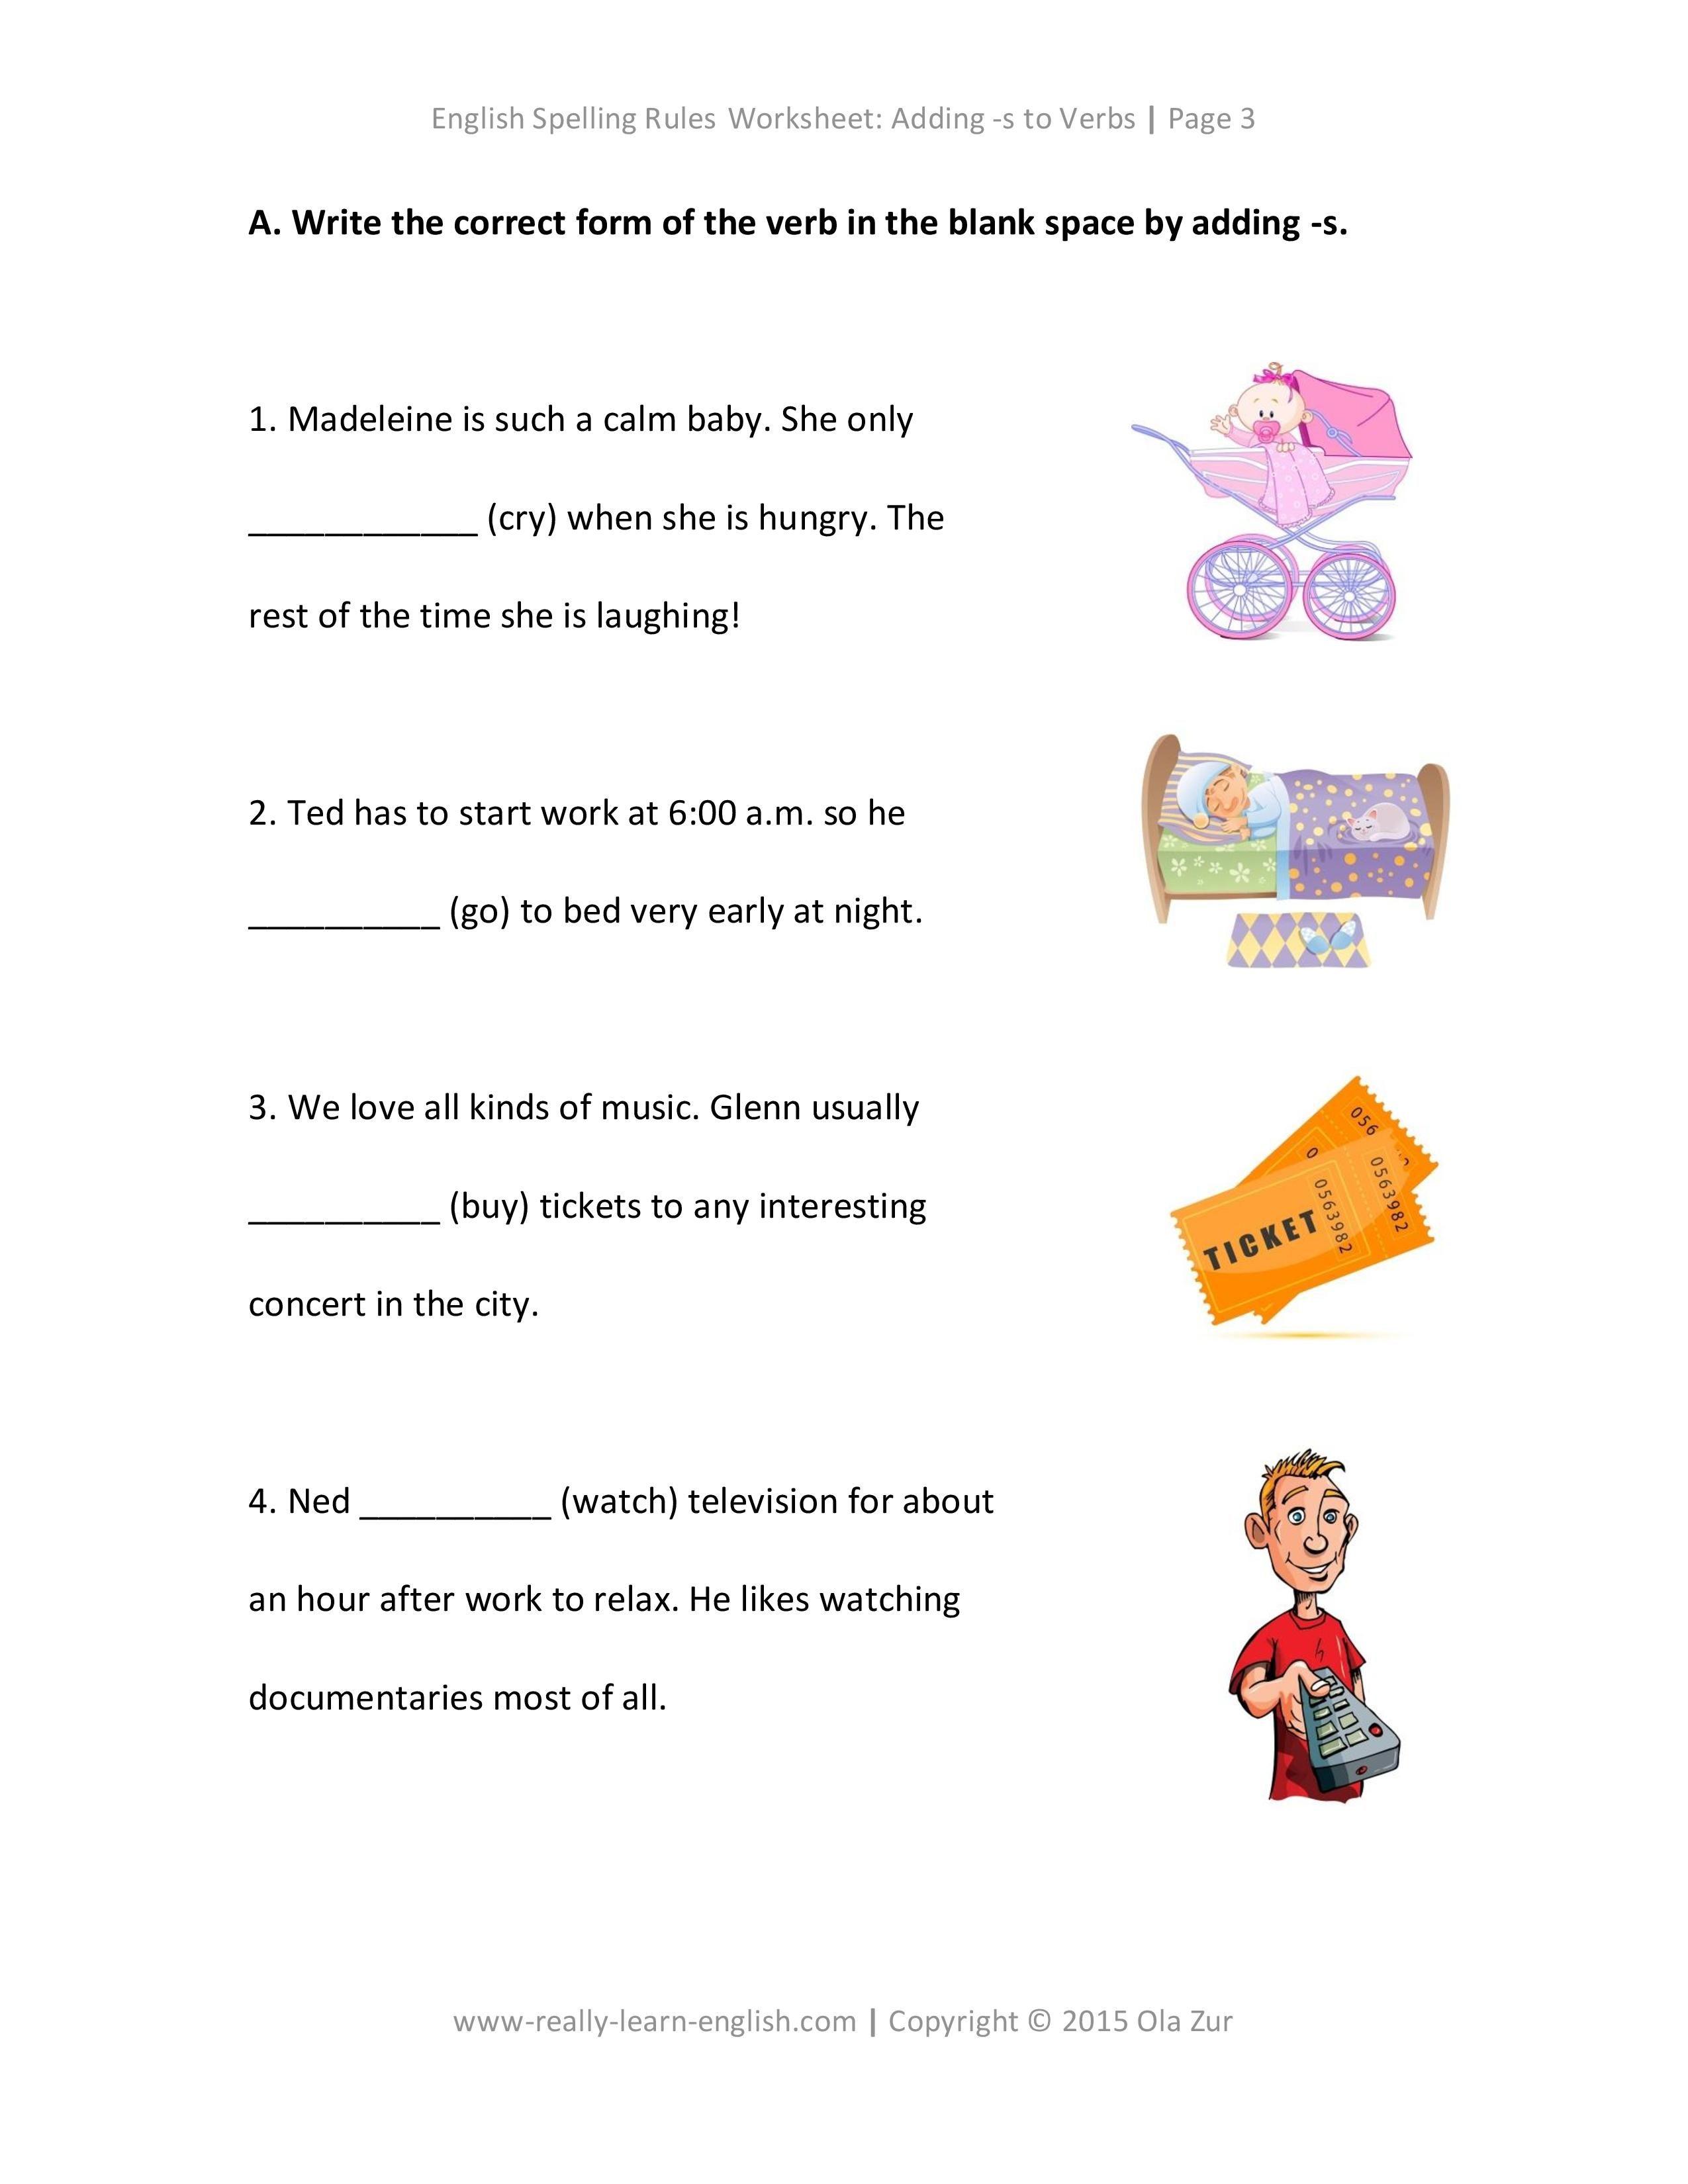 Worksheets Spelling Rules Worksheets free worksheets english spelling rules adding s to verbs verbs